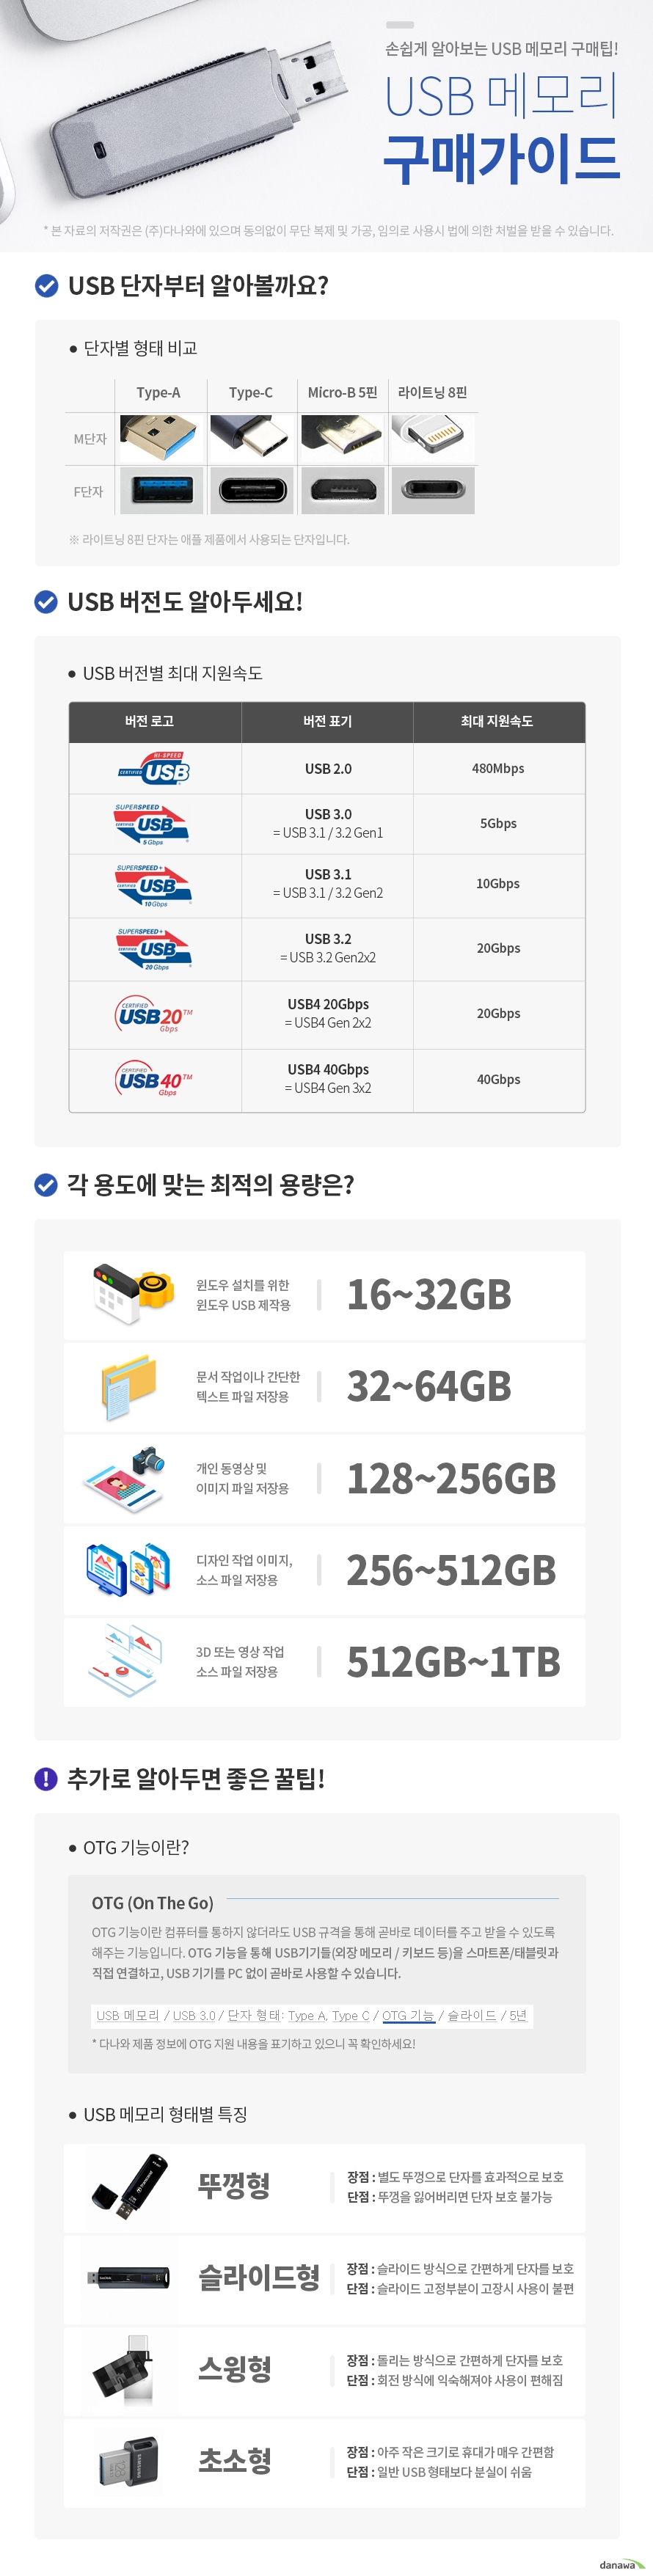 메모렛 스마트 스윙 OTG 마이크로 5핀 (128GB)